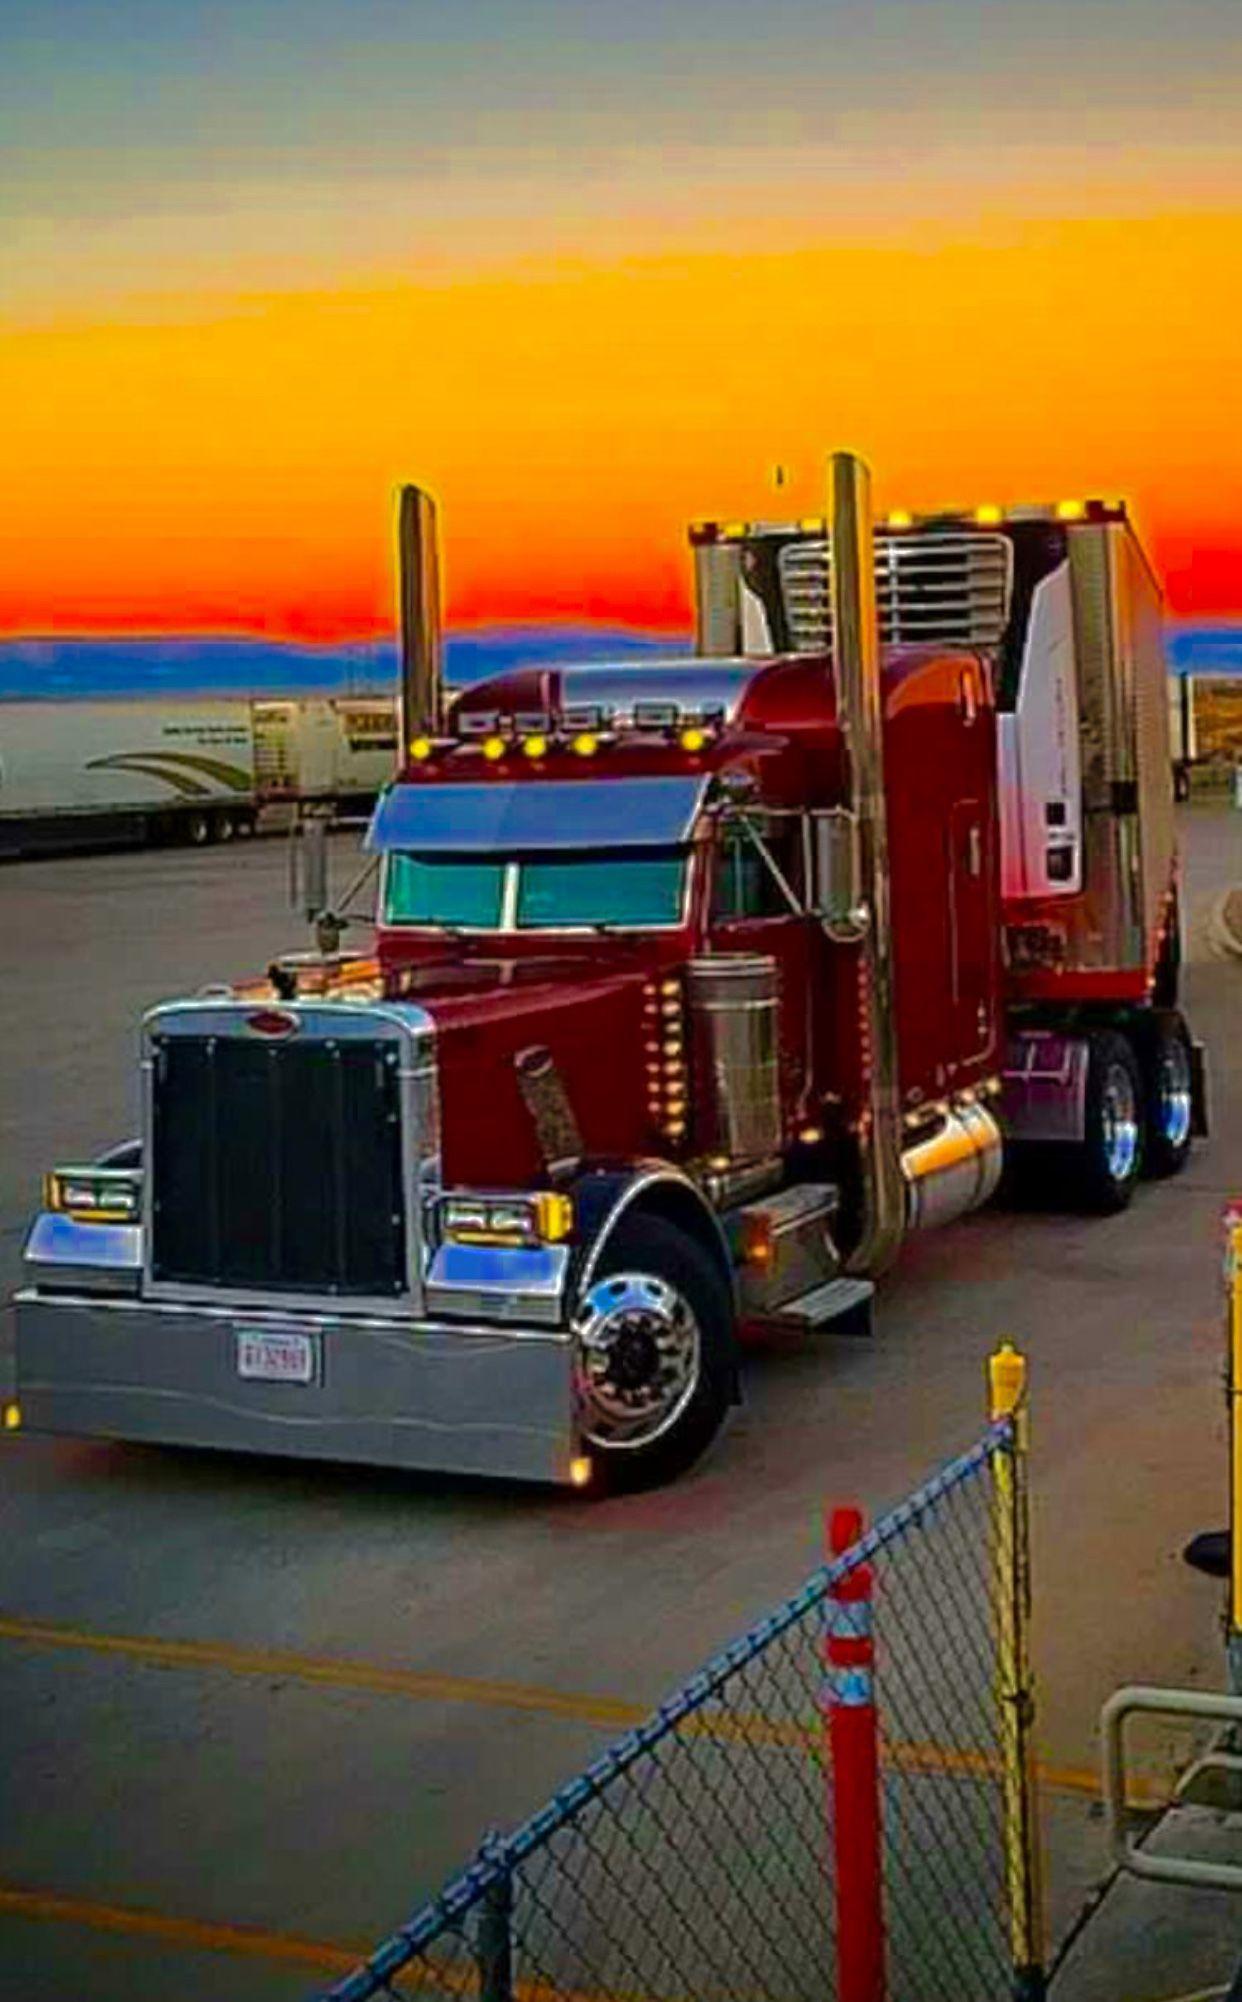 15 Best Trucks In The World Cool Trucks Pictures Lifted Trucks Trucks Semi Trucks